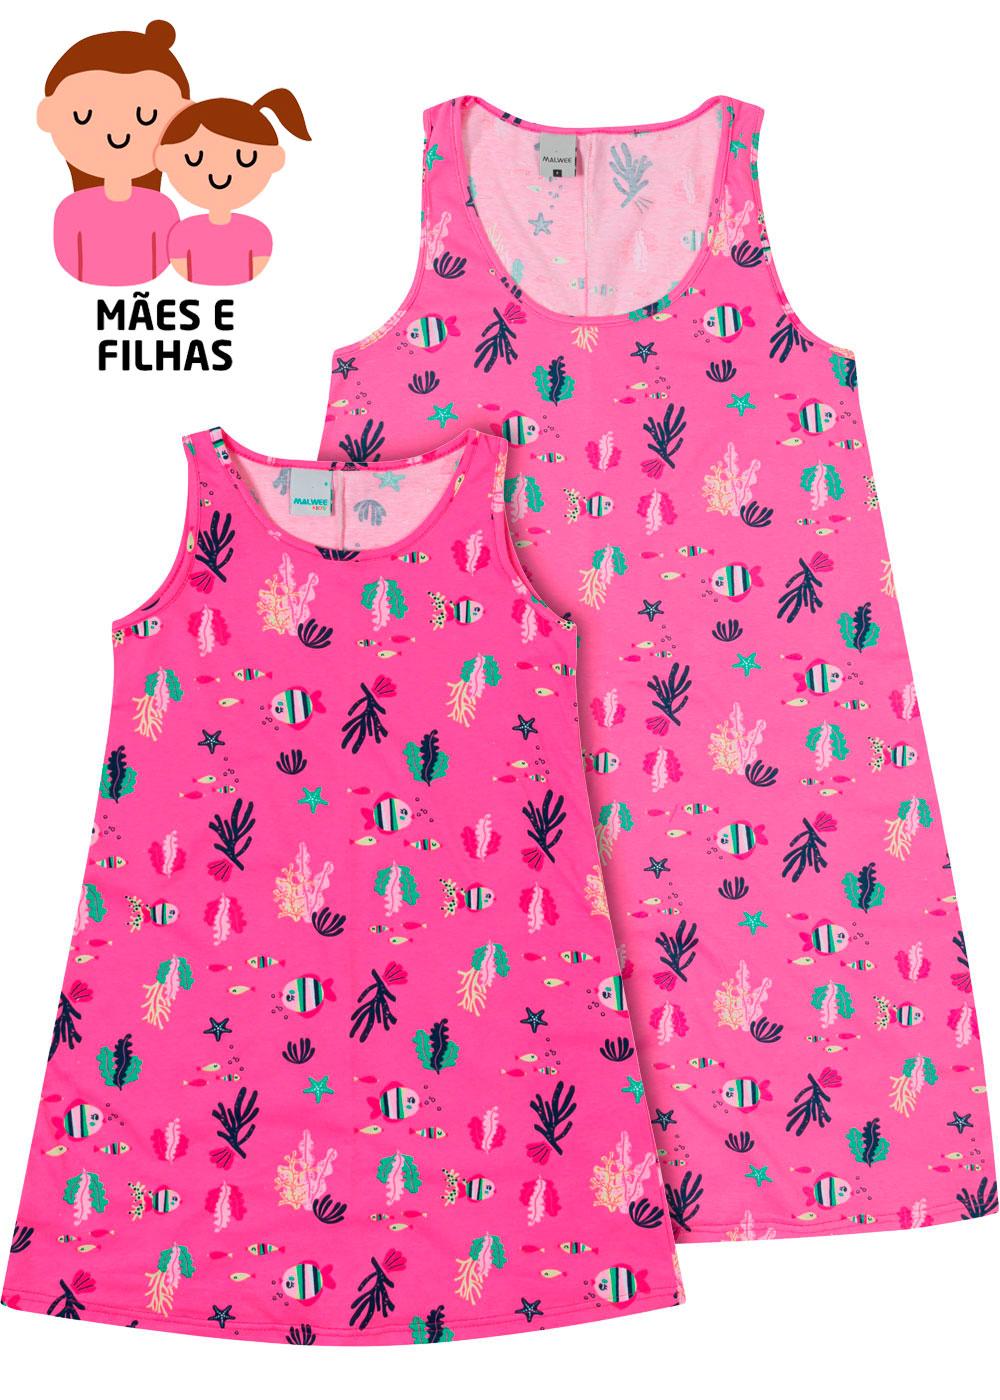 Camisola Curta Mãe e Filha Mar Rosa - Malwee